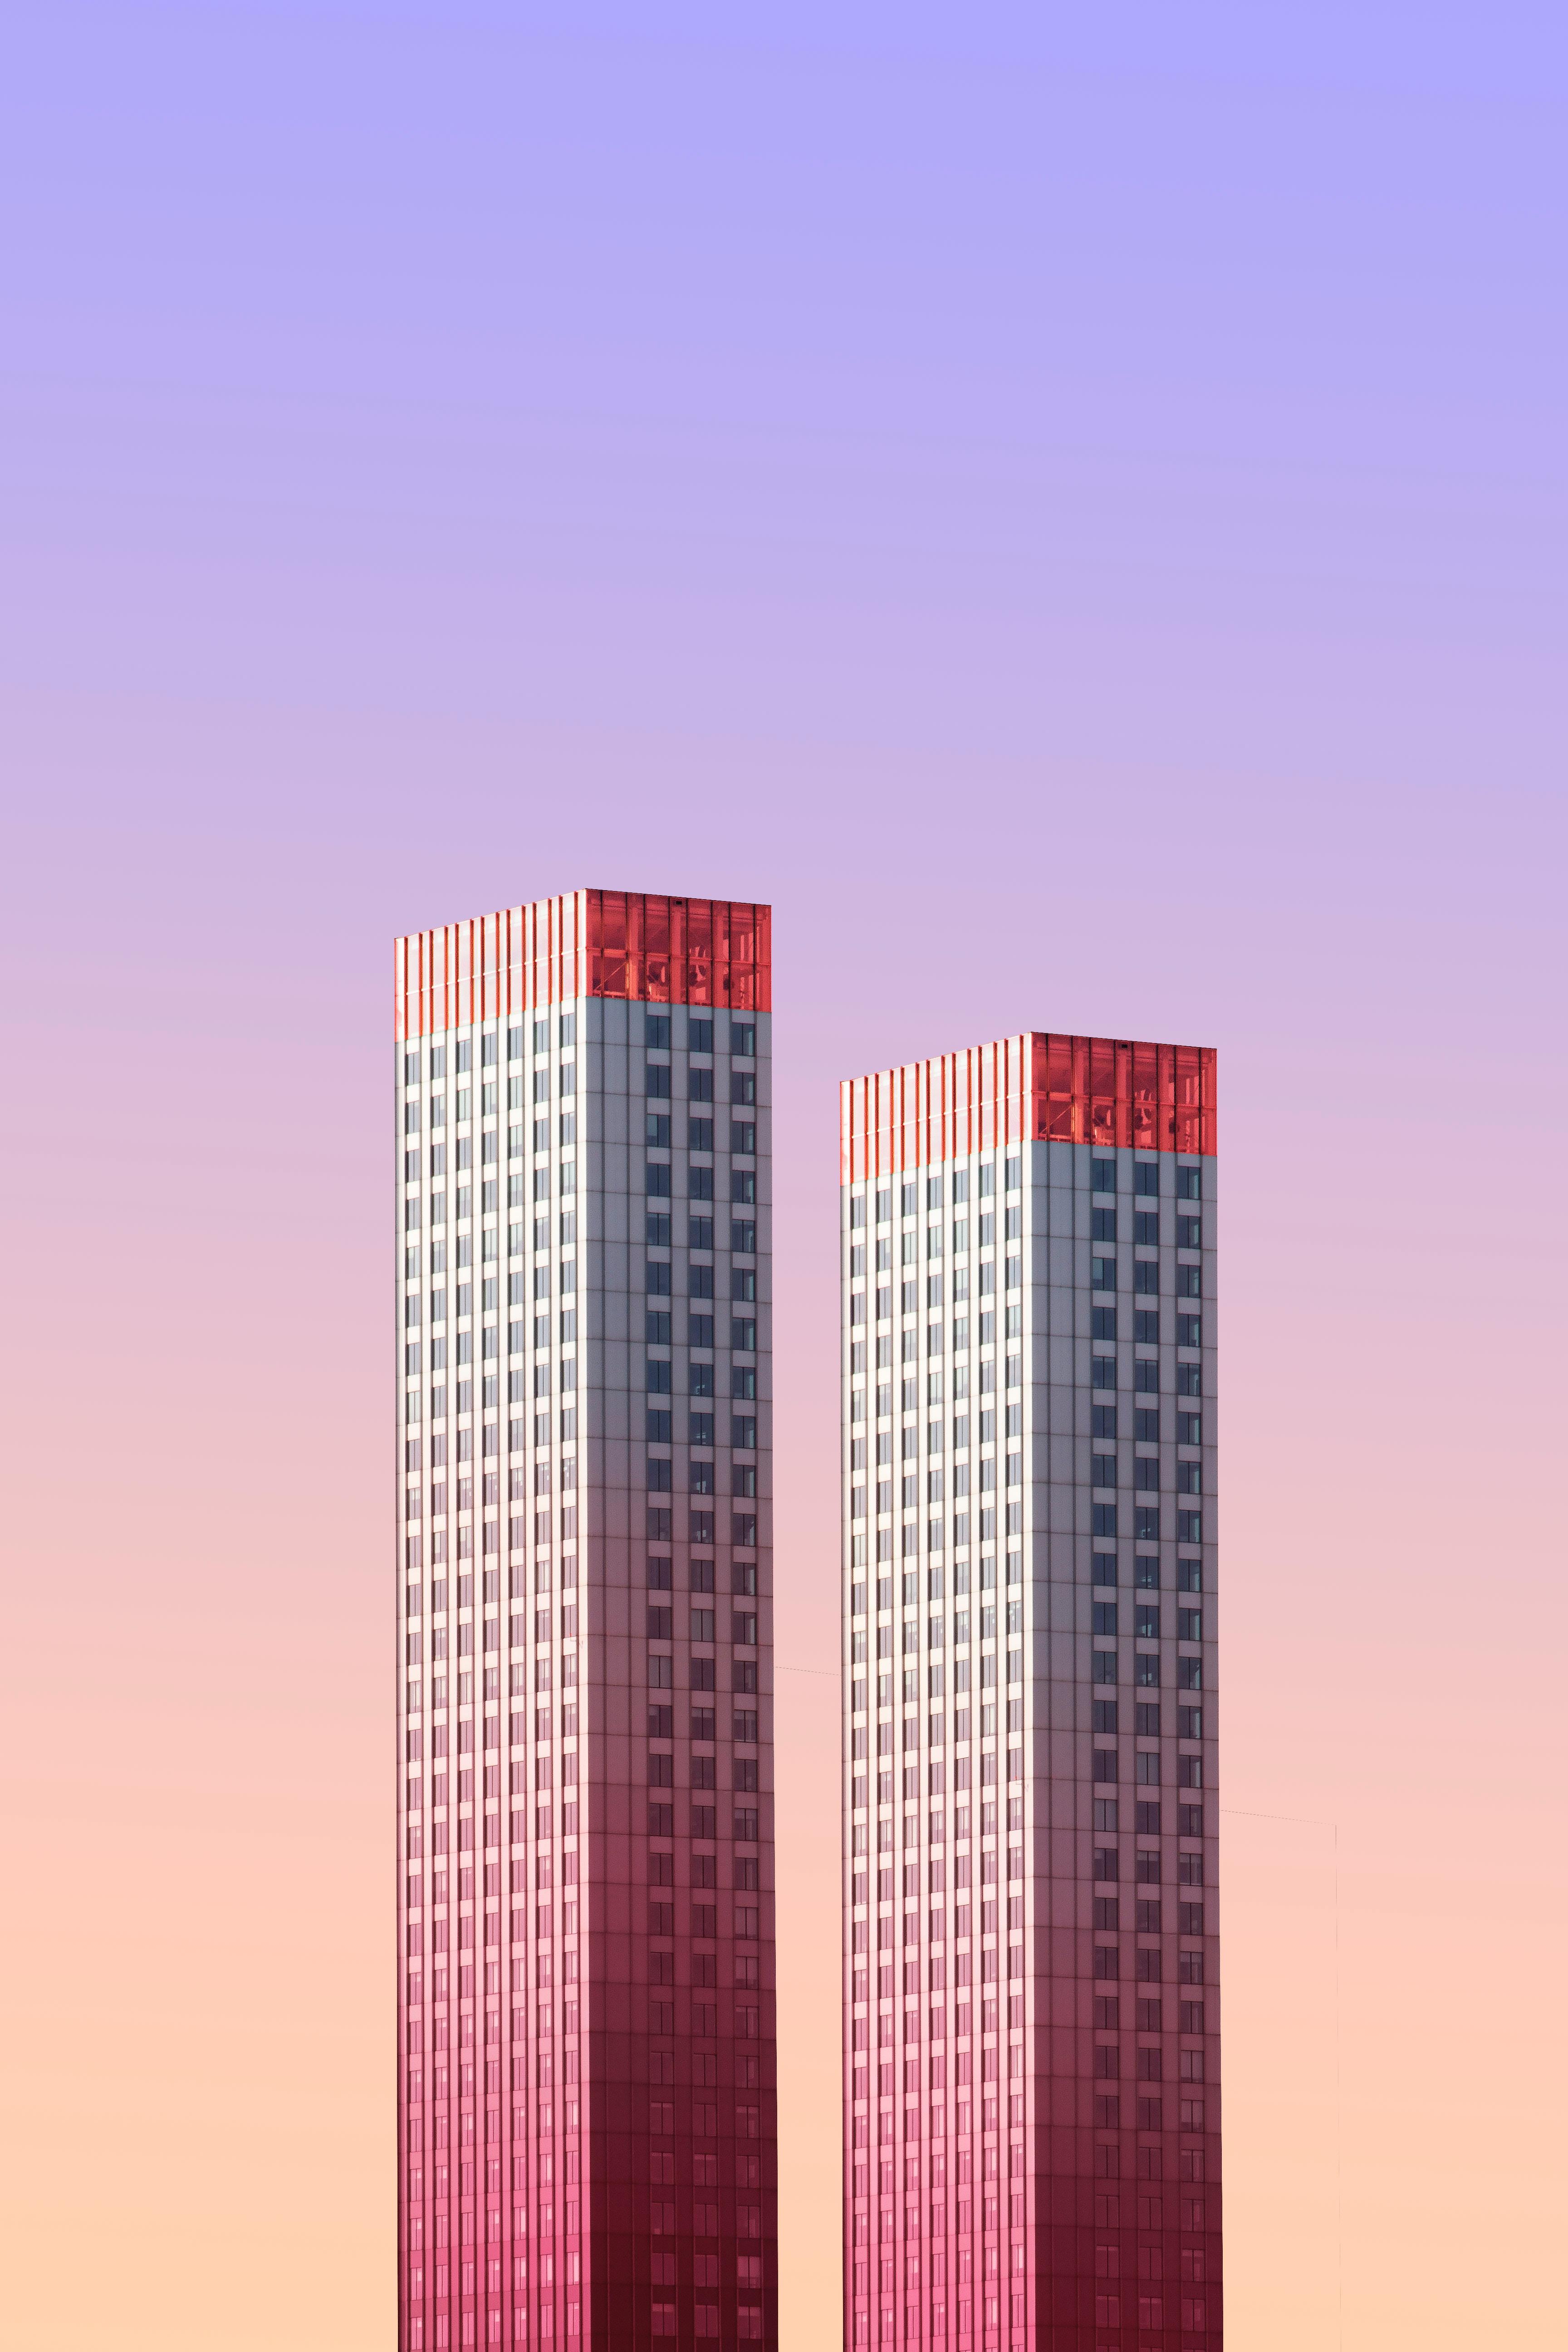 114507 Salvapantallas y fondos de pantalla Arquitectura en tu teléfono. Descarga imágenes de Minimalismo, Edificio, Cielo, Dos, Rascacielos, Rotterdam, Países Bajos, Arquitectura gratis